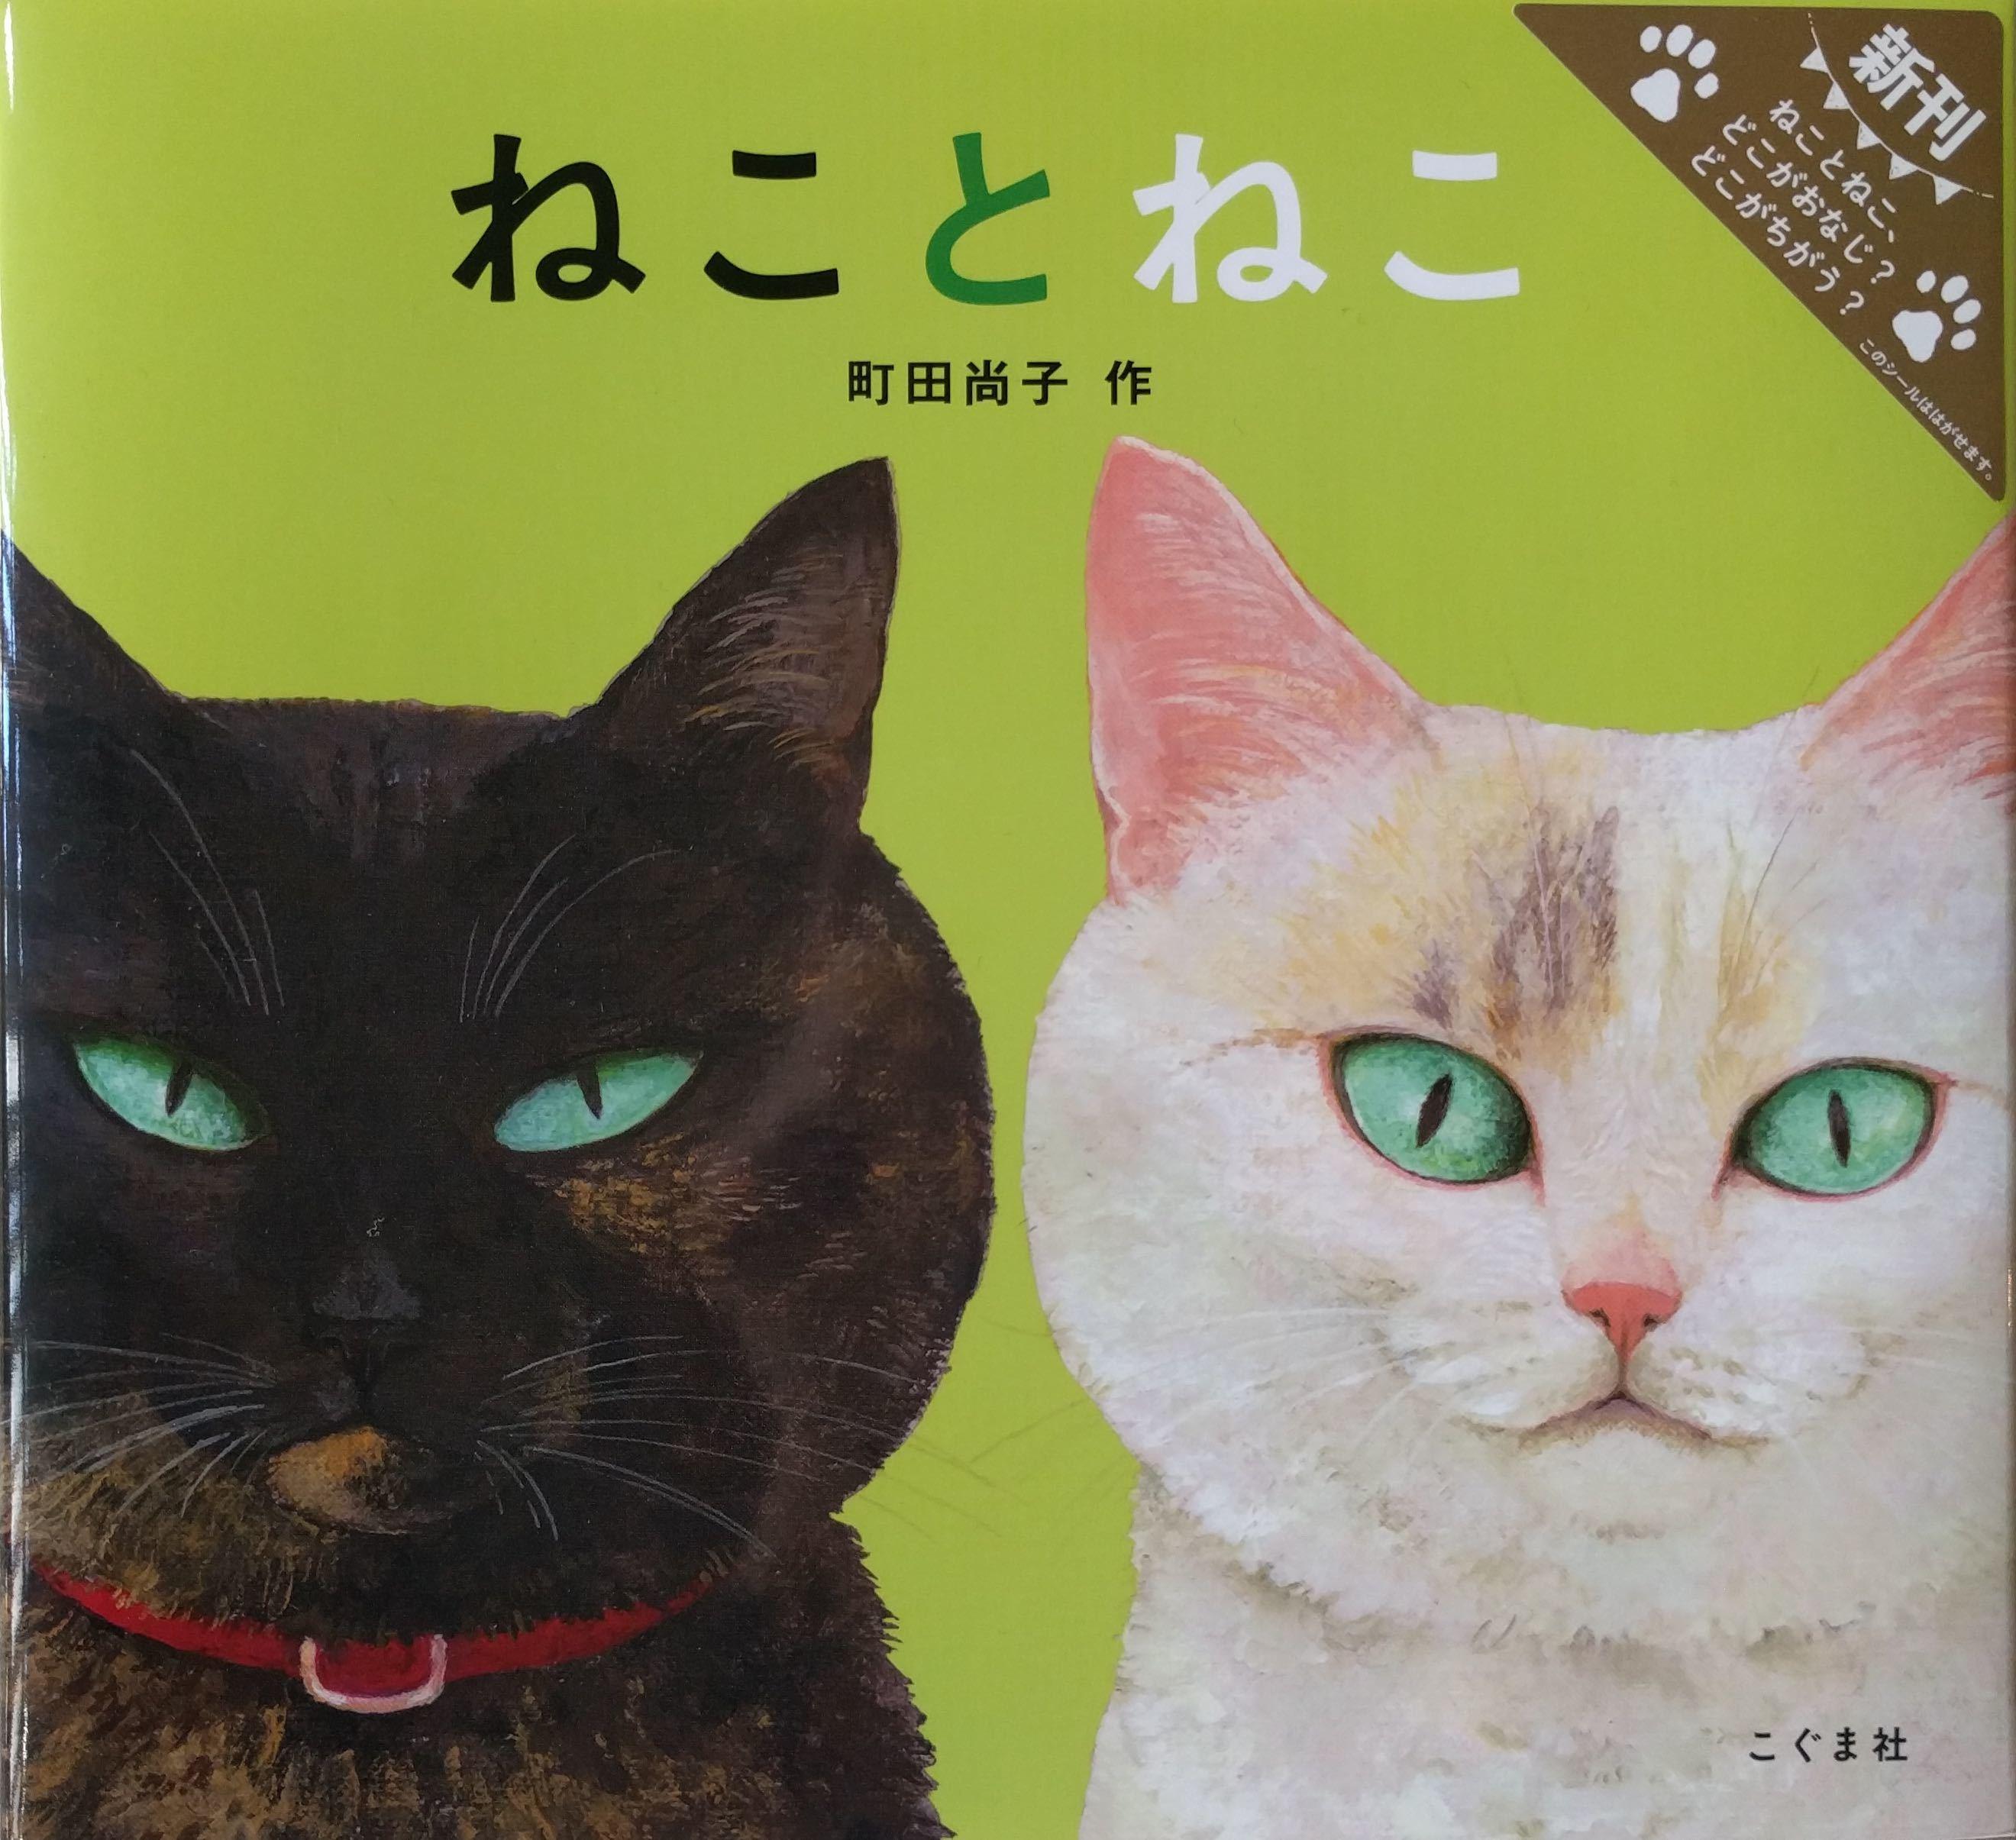 町田尚子さんの新刊絵本「ねことねこ」_a0265743_23240360.jpg